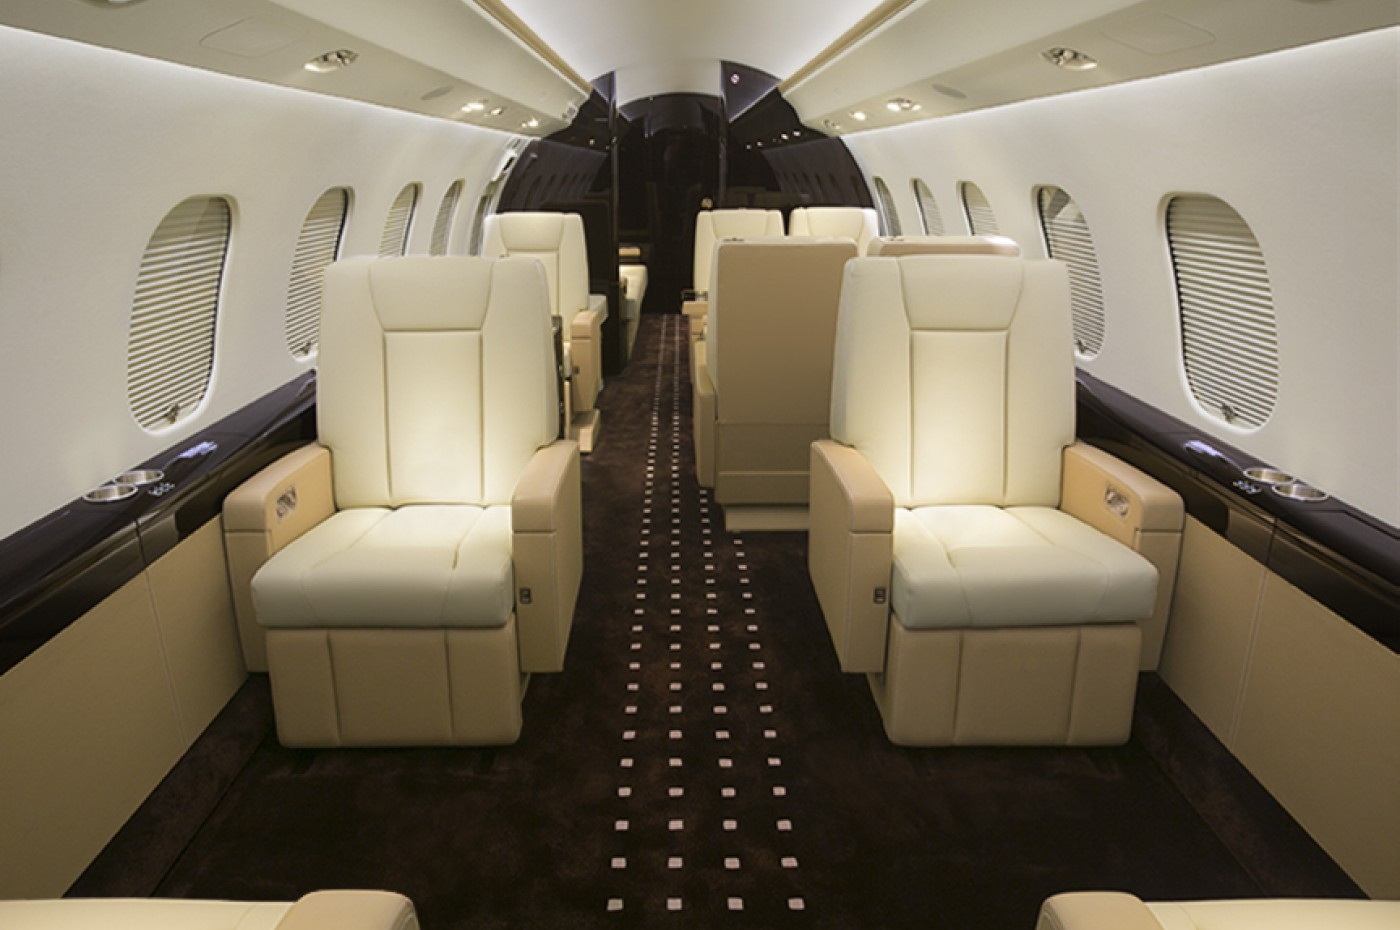 Global 6000 Aft Cabin